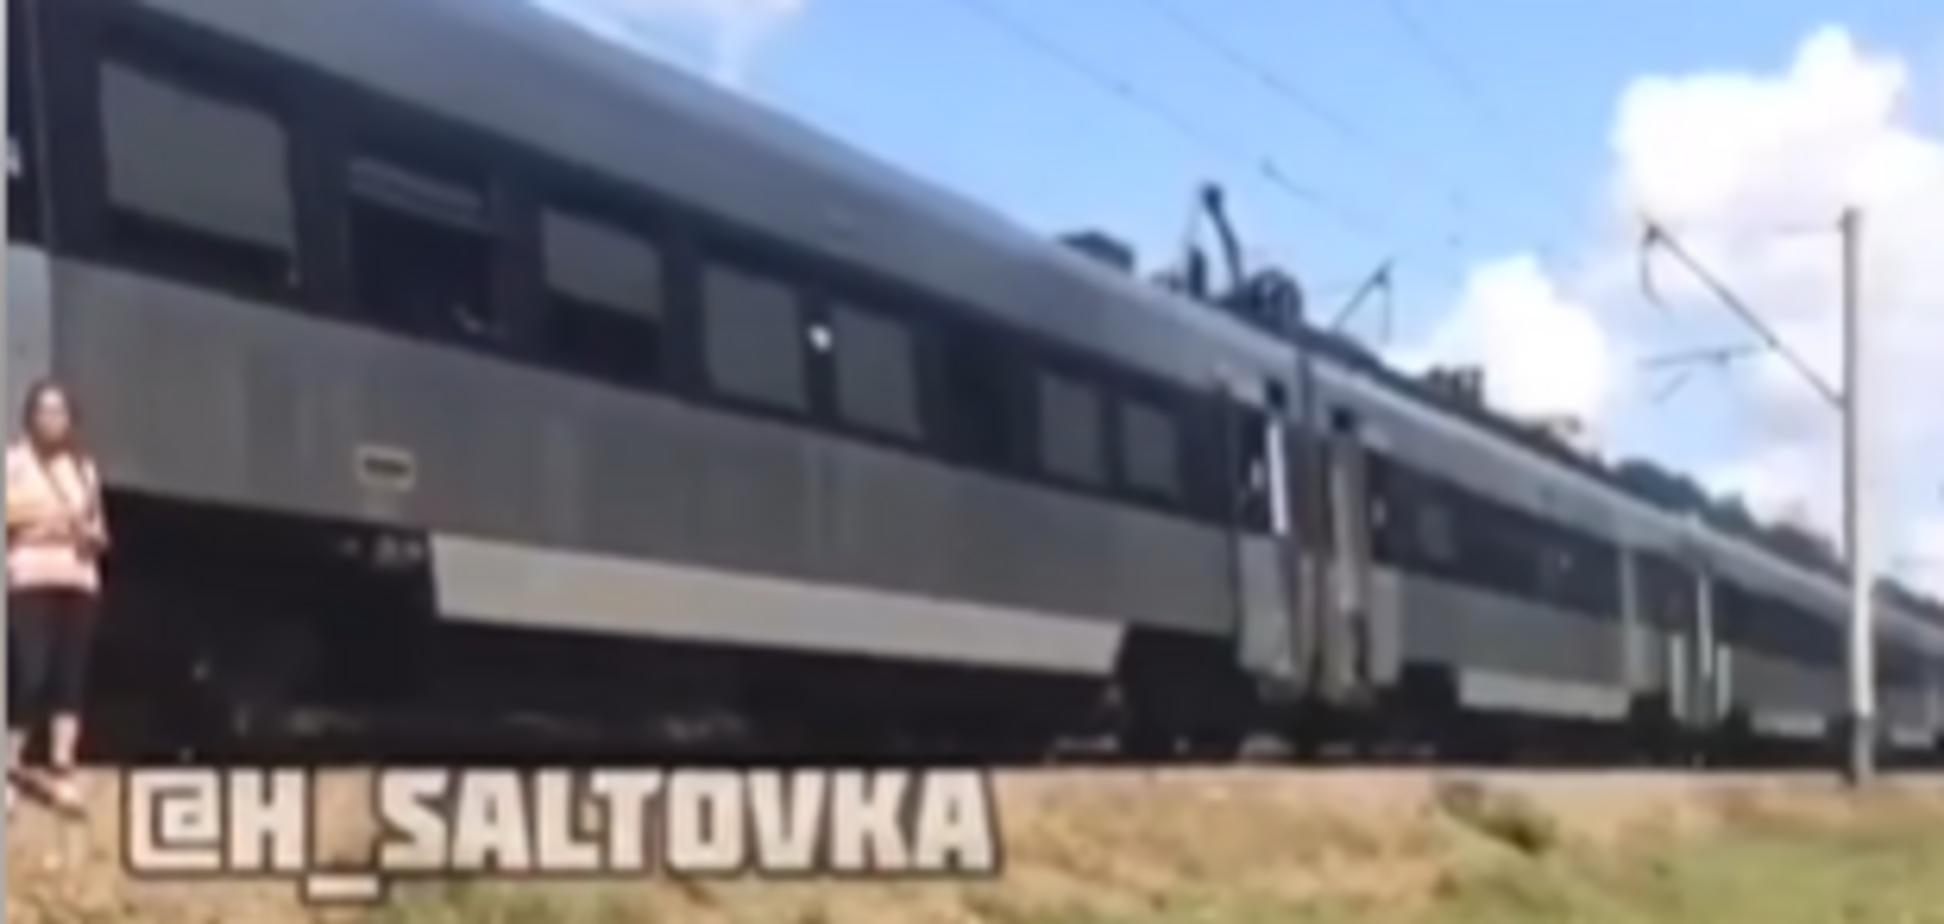 Пасажирів вивели: на Полтавщині сталася НП з поїздом 'Інтерсіті'